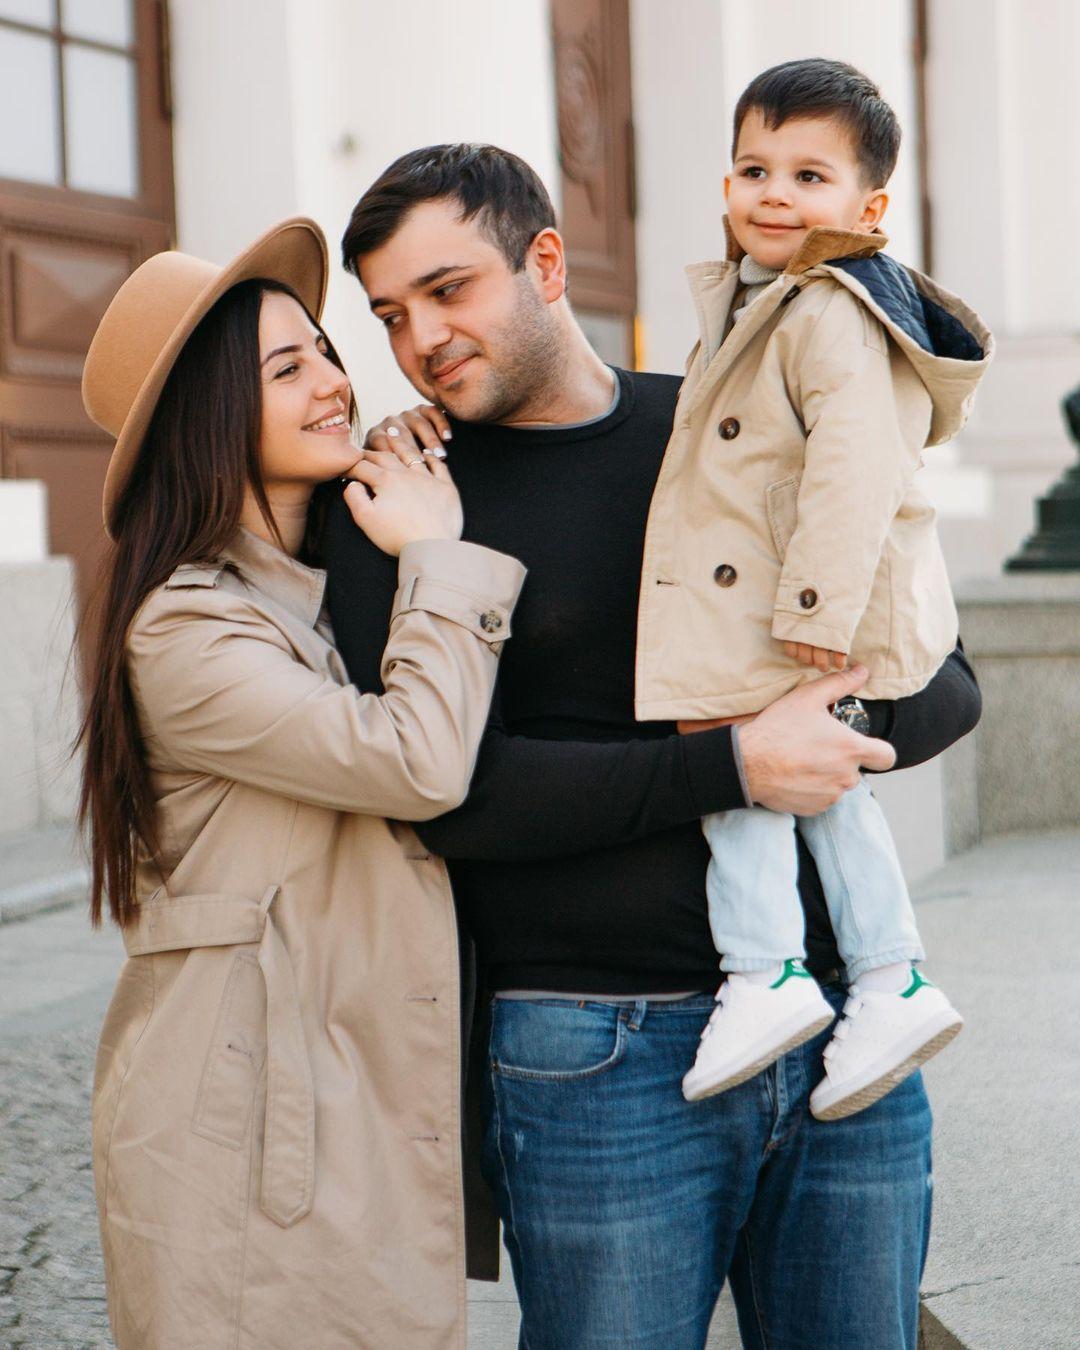 Певица Анивар родила в Москве второго ребёнка, но не может увидеть дочку из-за ковид-политики роддома